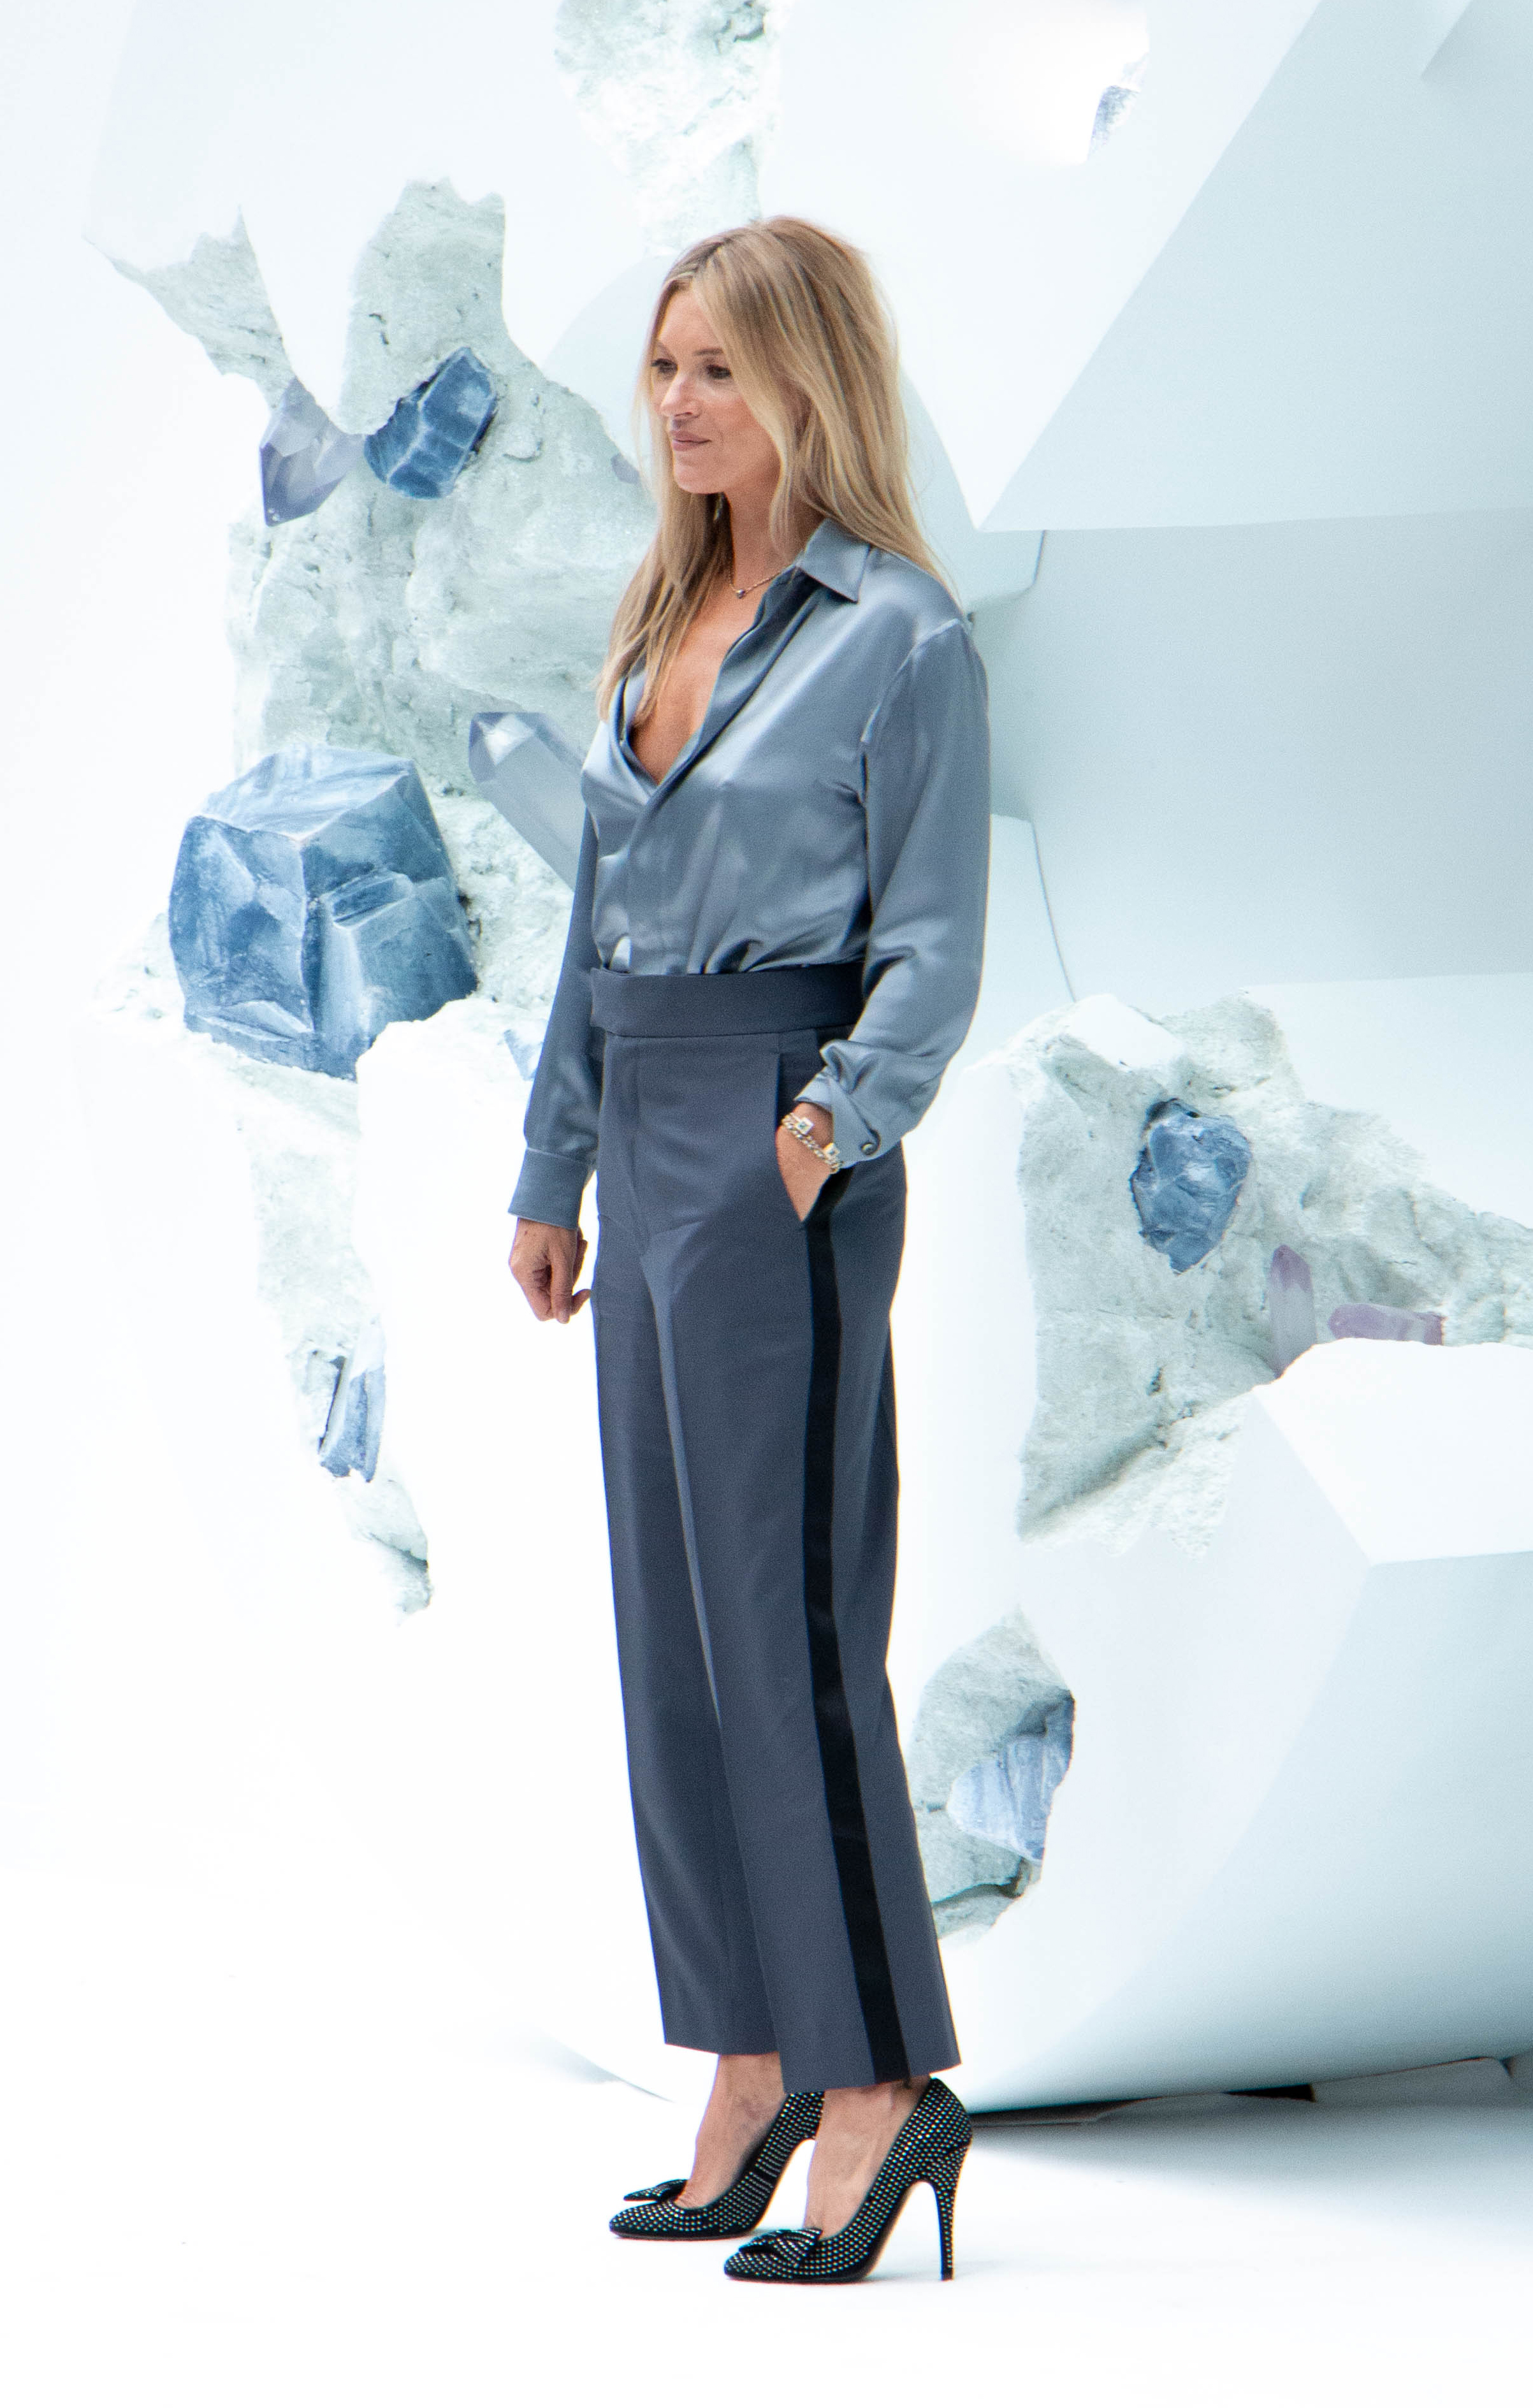 Défiles Dior printemps été 2020 Hommes